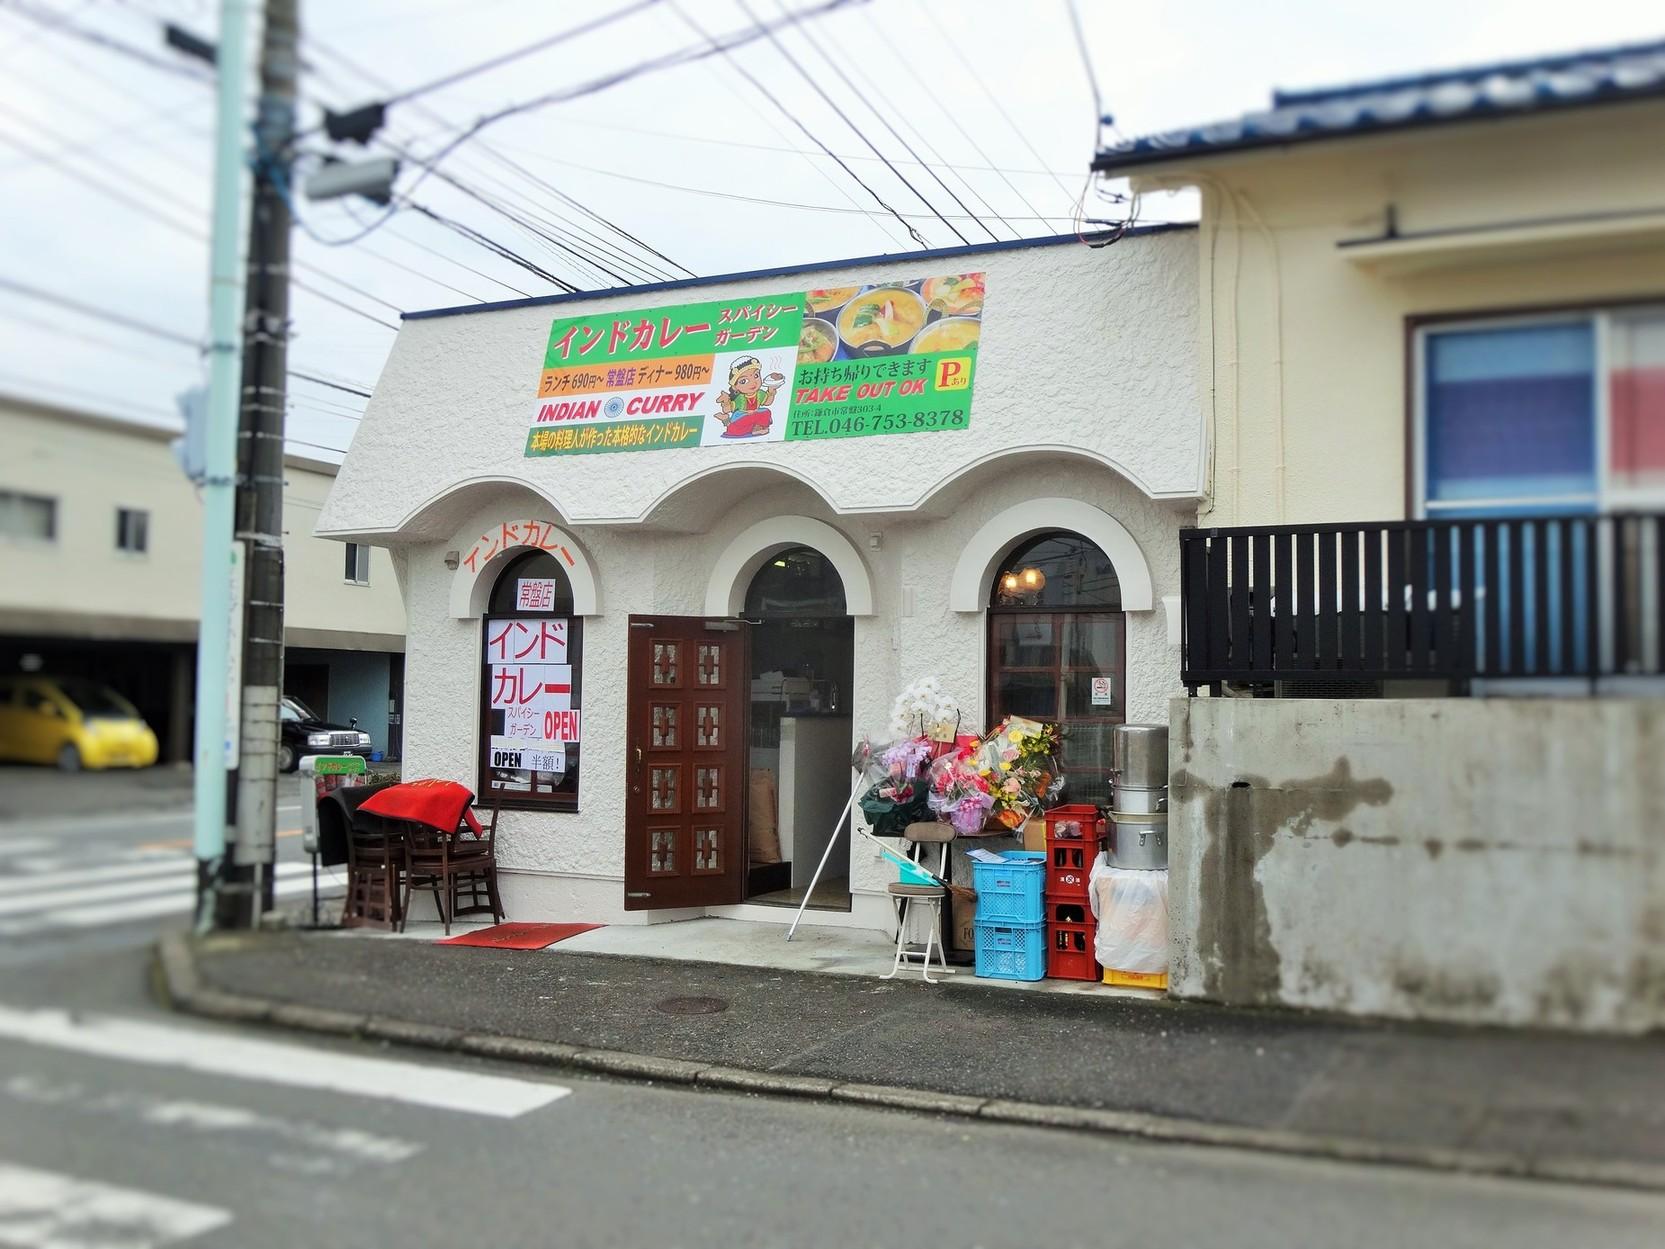 インドカレースパイシーガーデン 常盤店